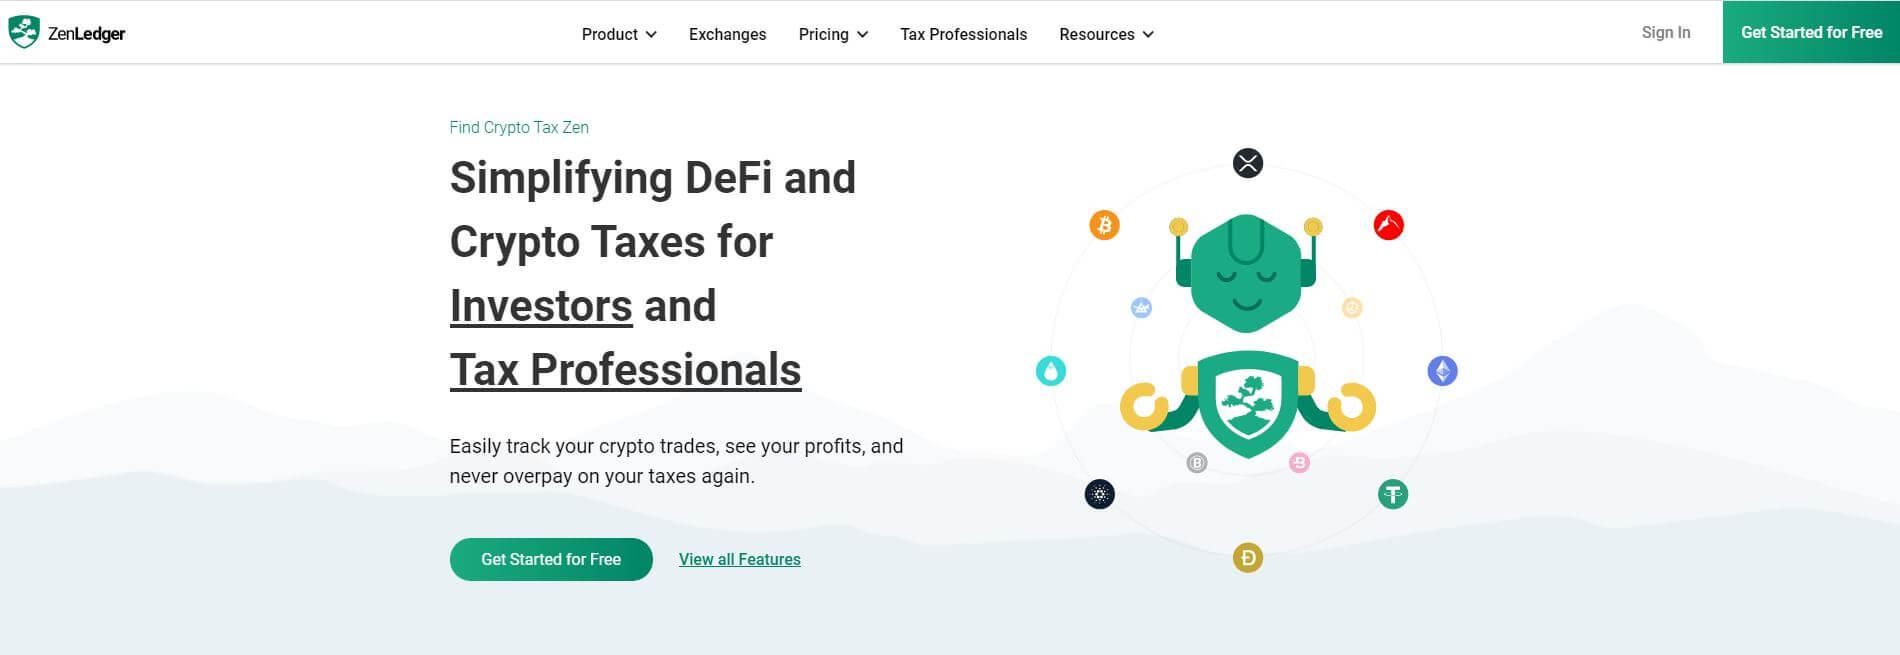 ZenLedger Tax Tool